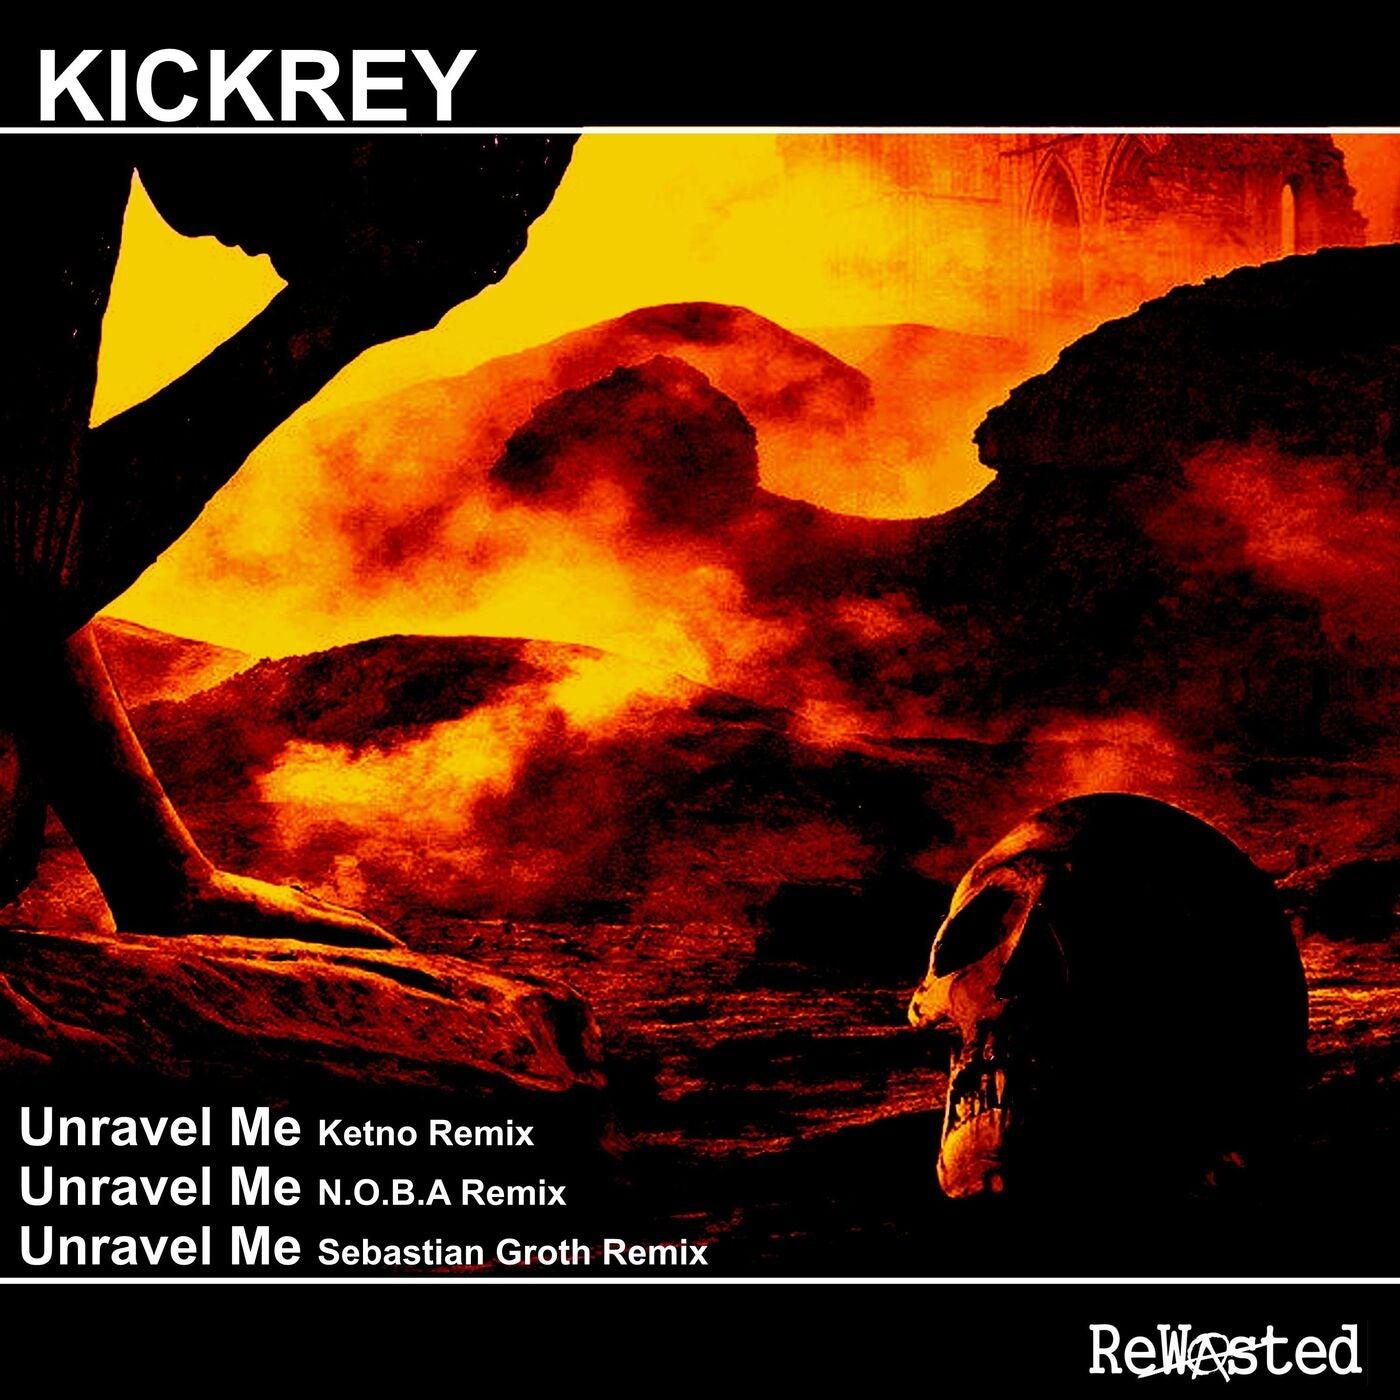 Unravel Me (N.O.B.A Remix)